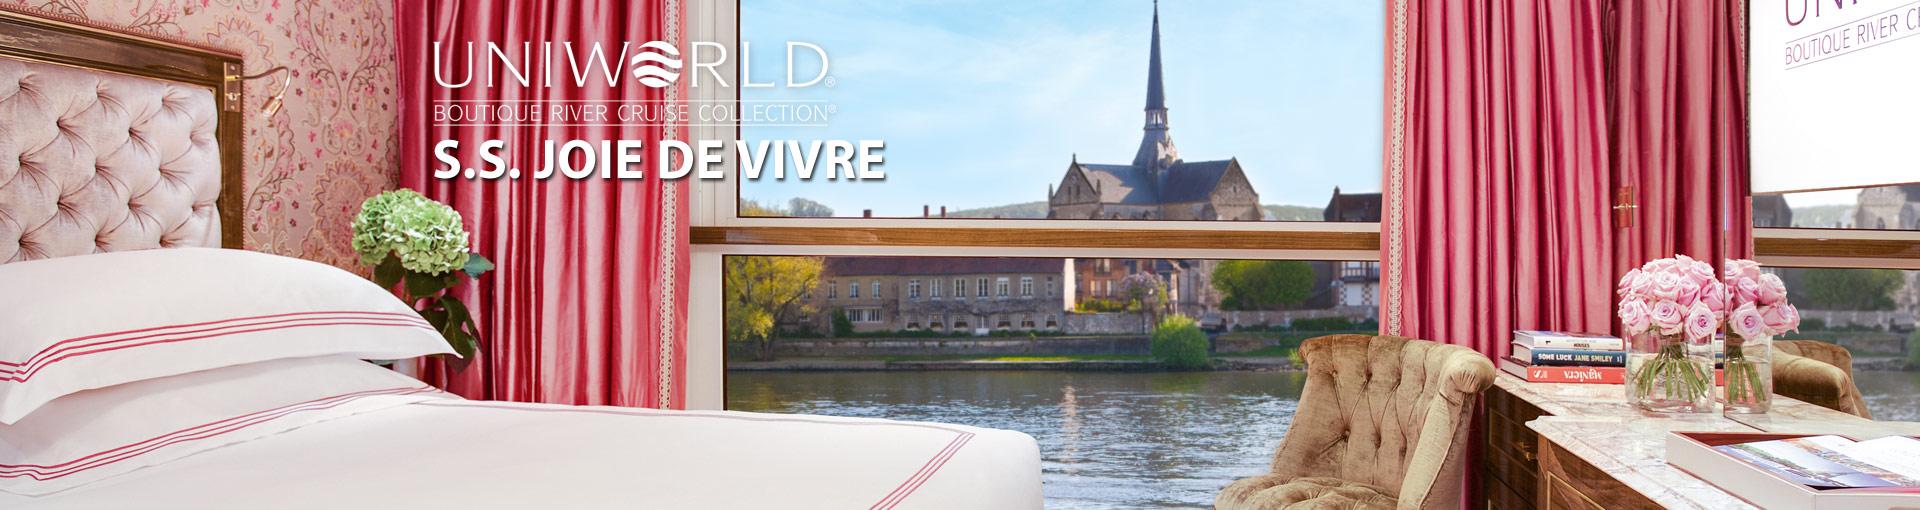 Uniworld River Cruises S.S. Joie de Vivre